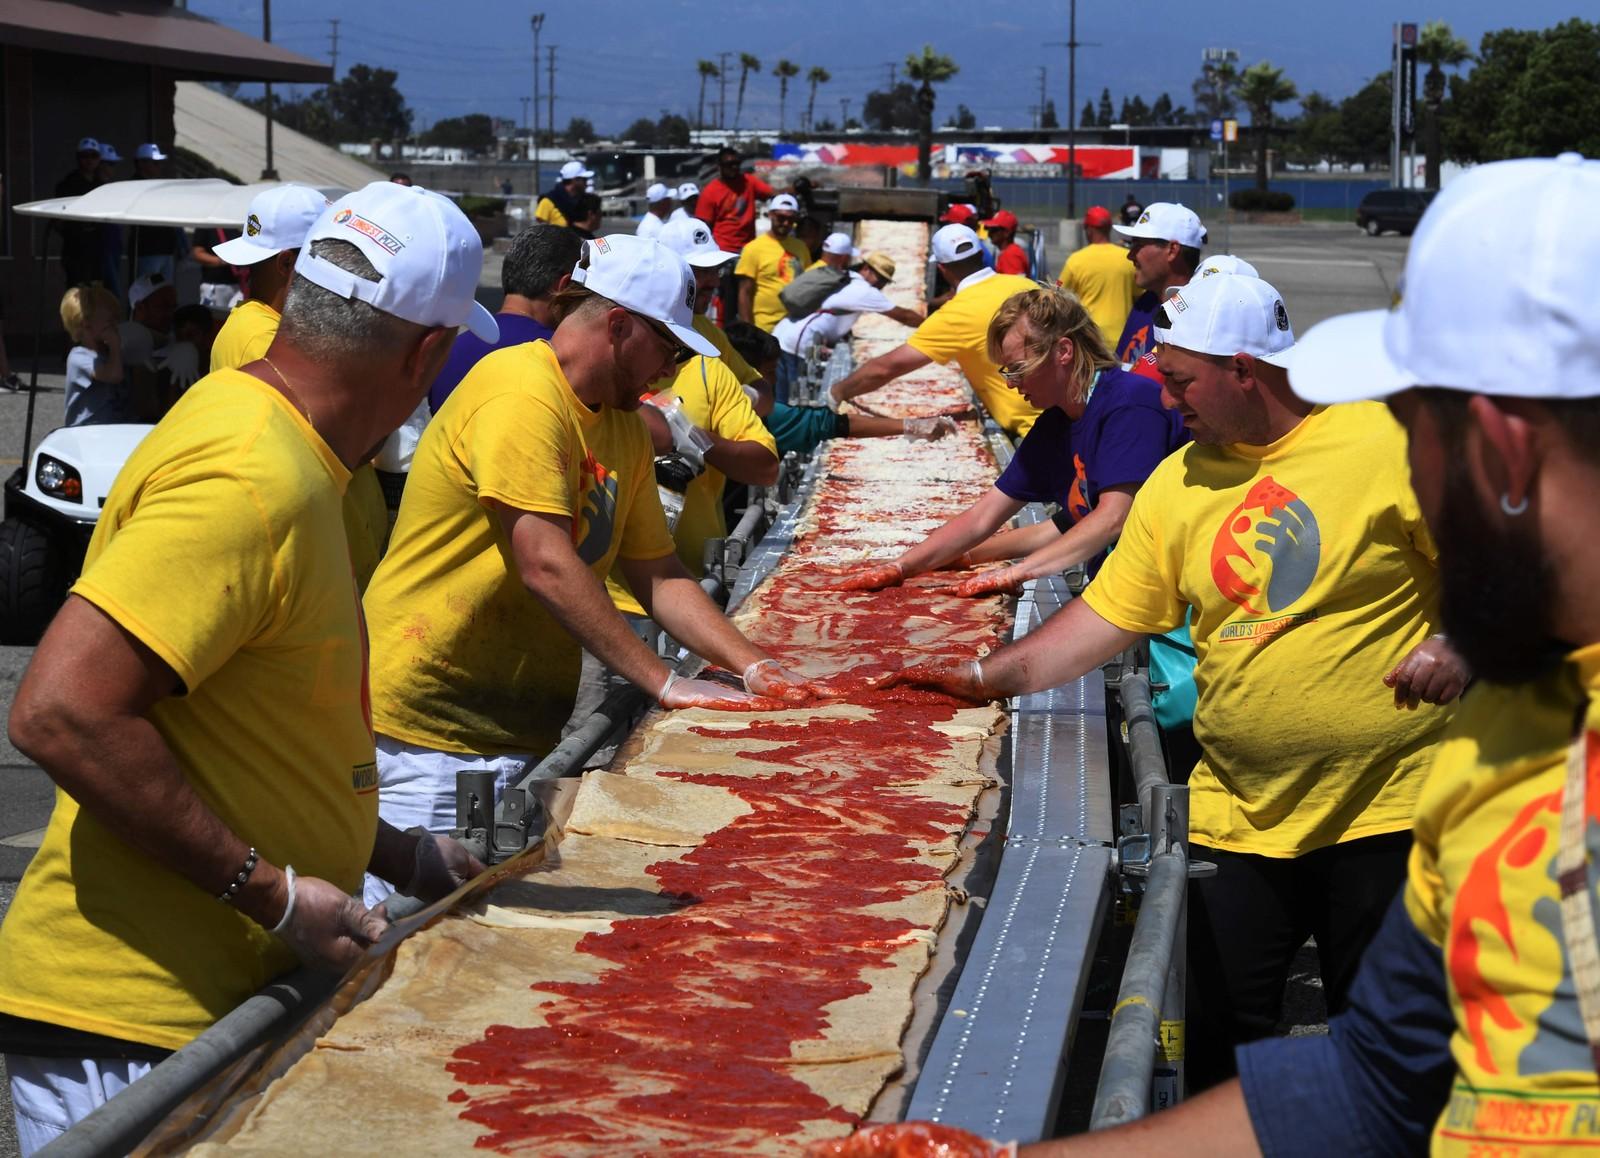 Nok en verdensrekord ble slått da denne gjengen laga verdens lengste pizza i Fontana, California. Den forrige rekorden var på 182 meter og ble satt i pizzabyen Napoli. Den nye rekorden er på hele 2130 meter (!).